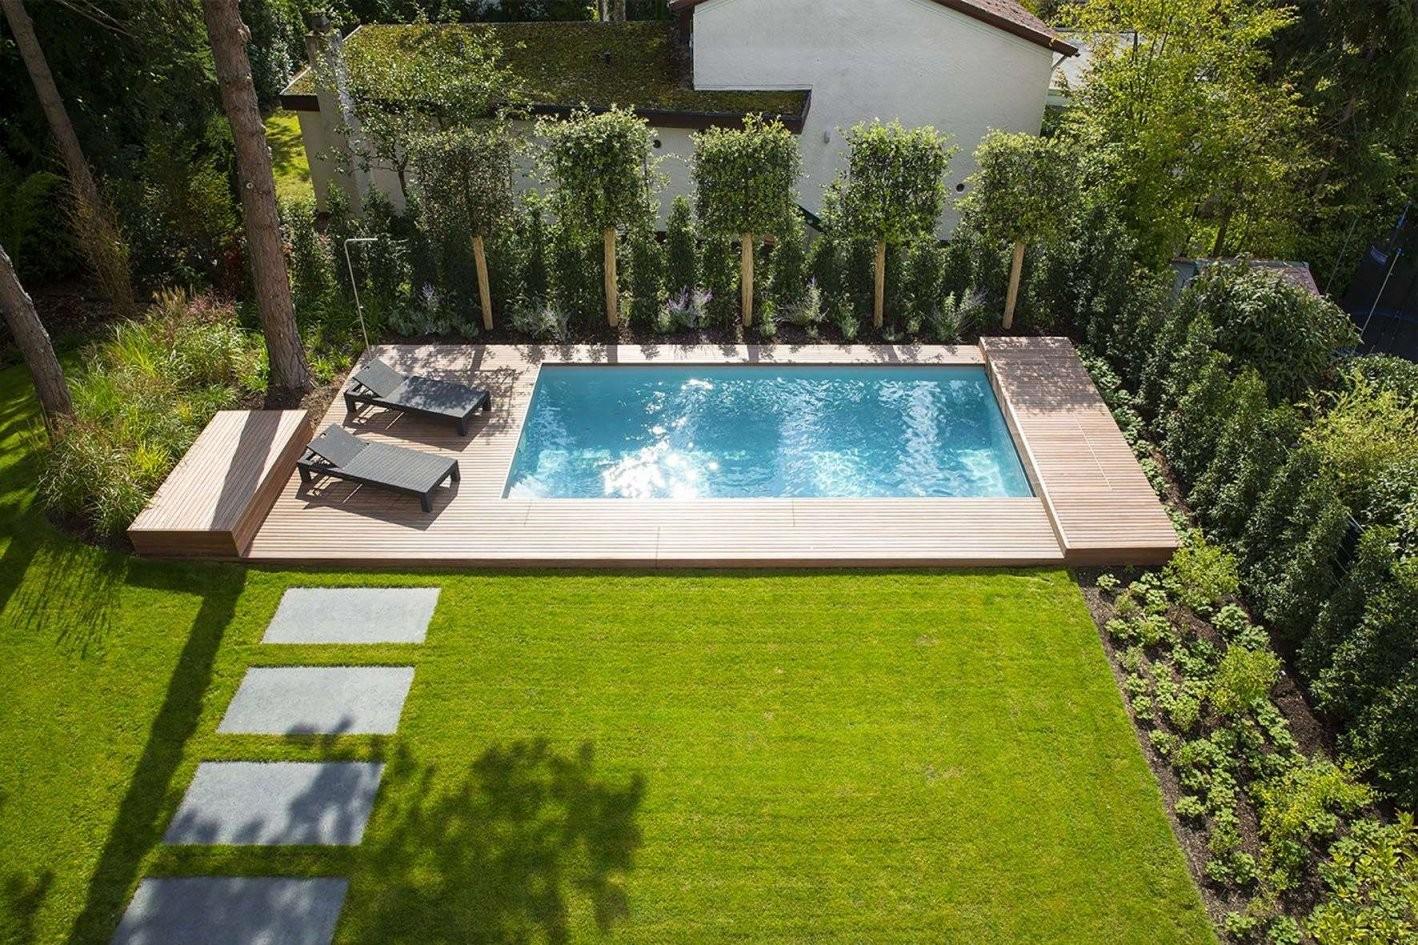 31 Genial Kleiner Garten Mit Pool Gestalten von Garten Gestalten Mit Pool Bild